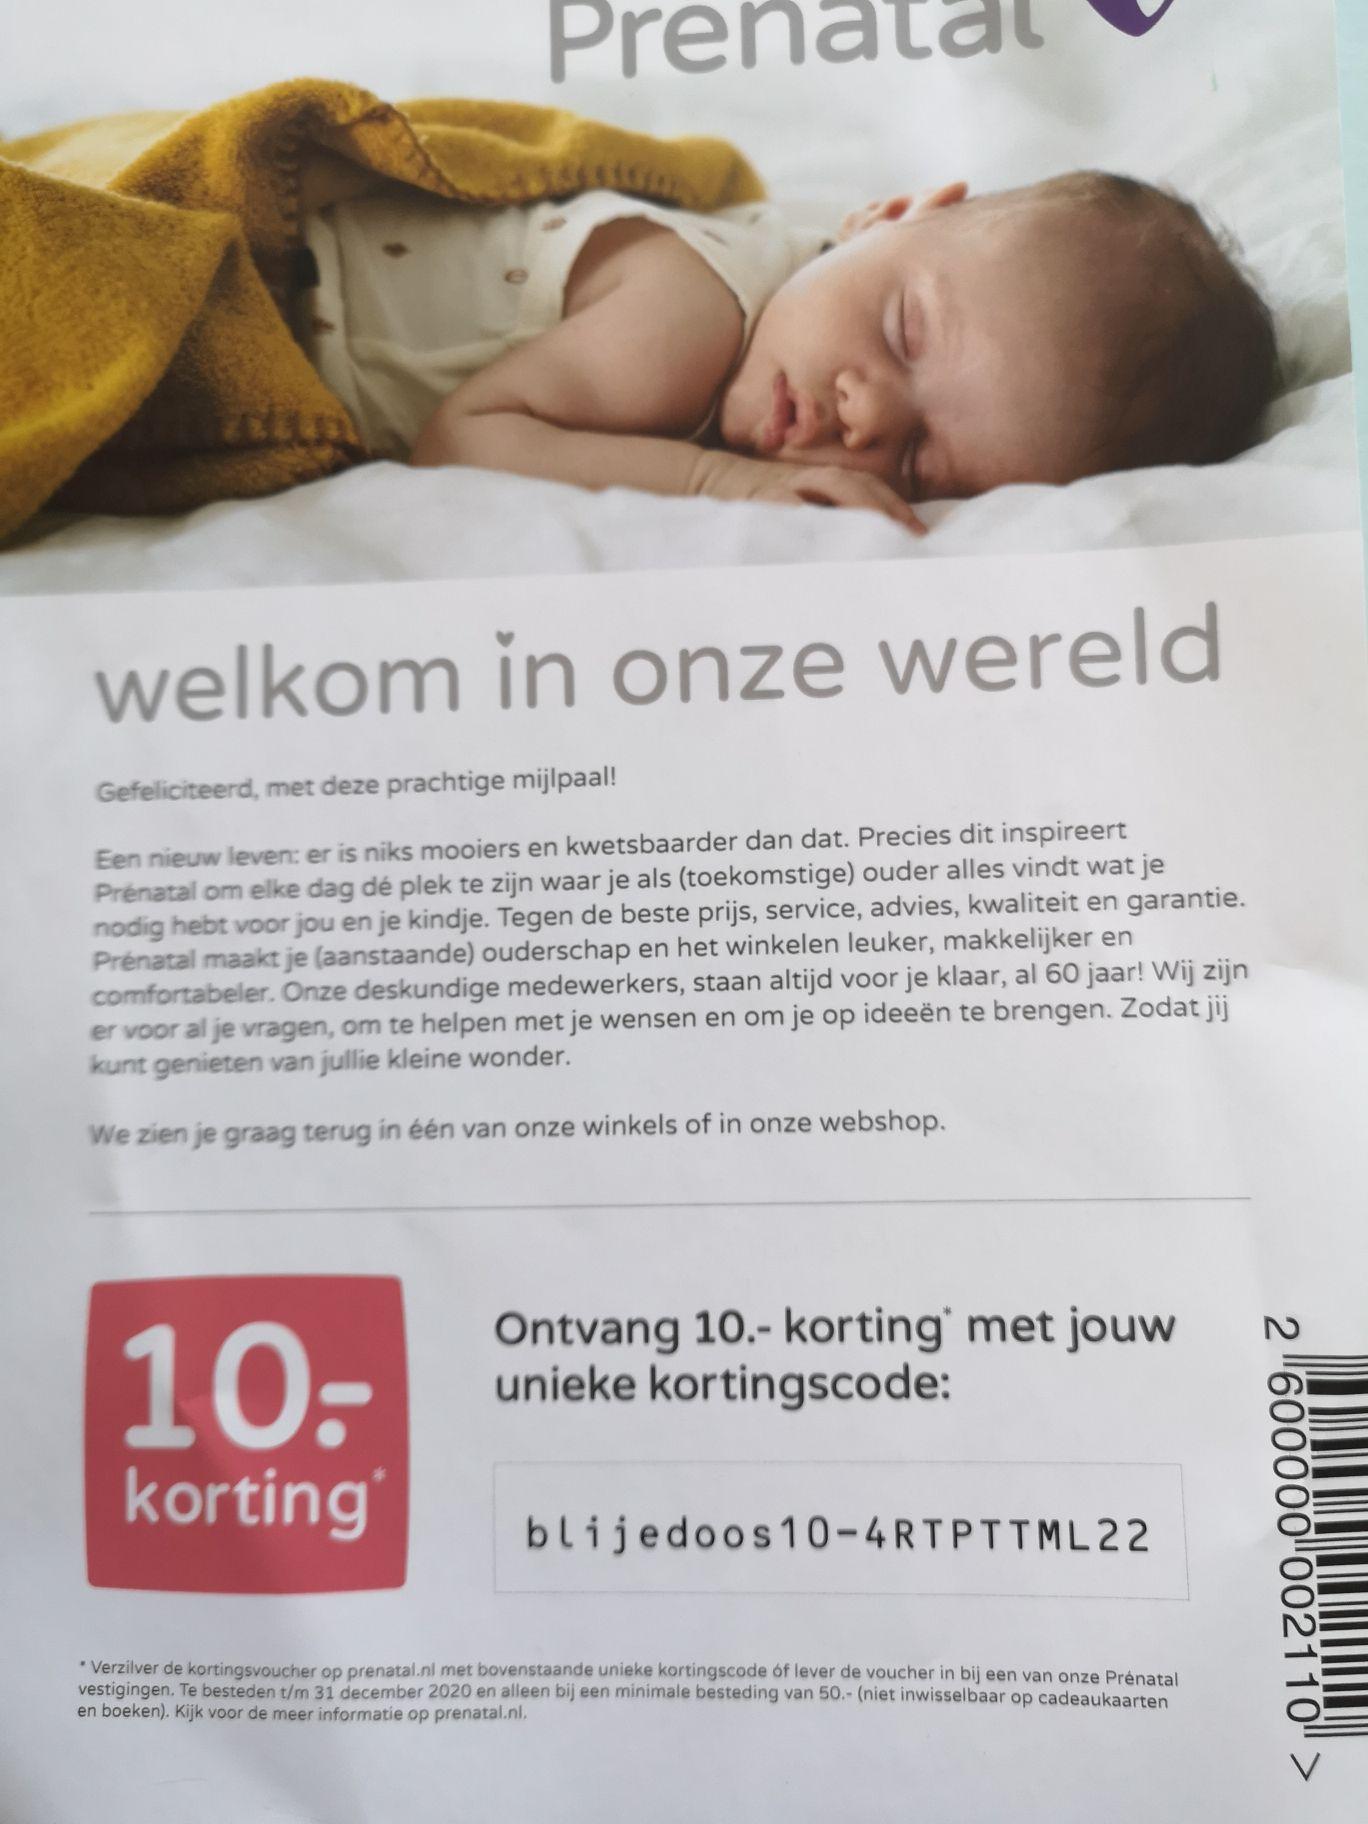 10 euro korting bij Prenatal